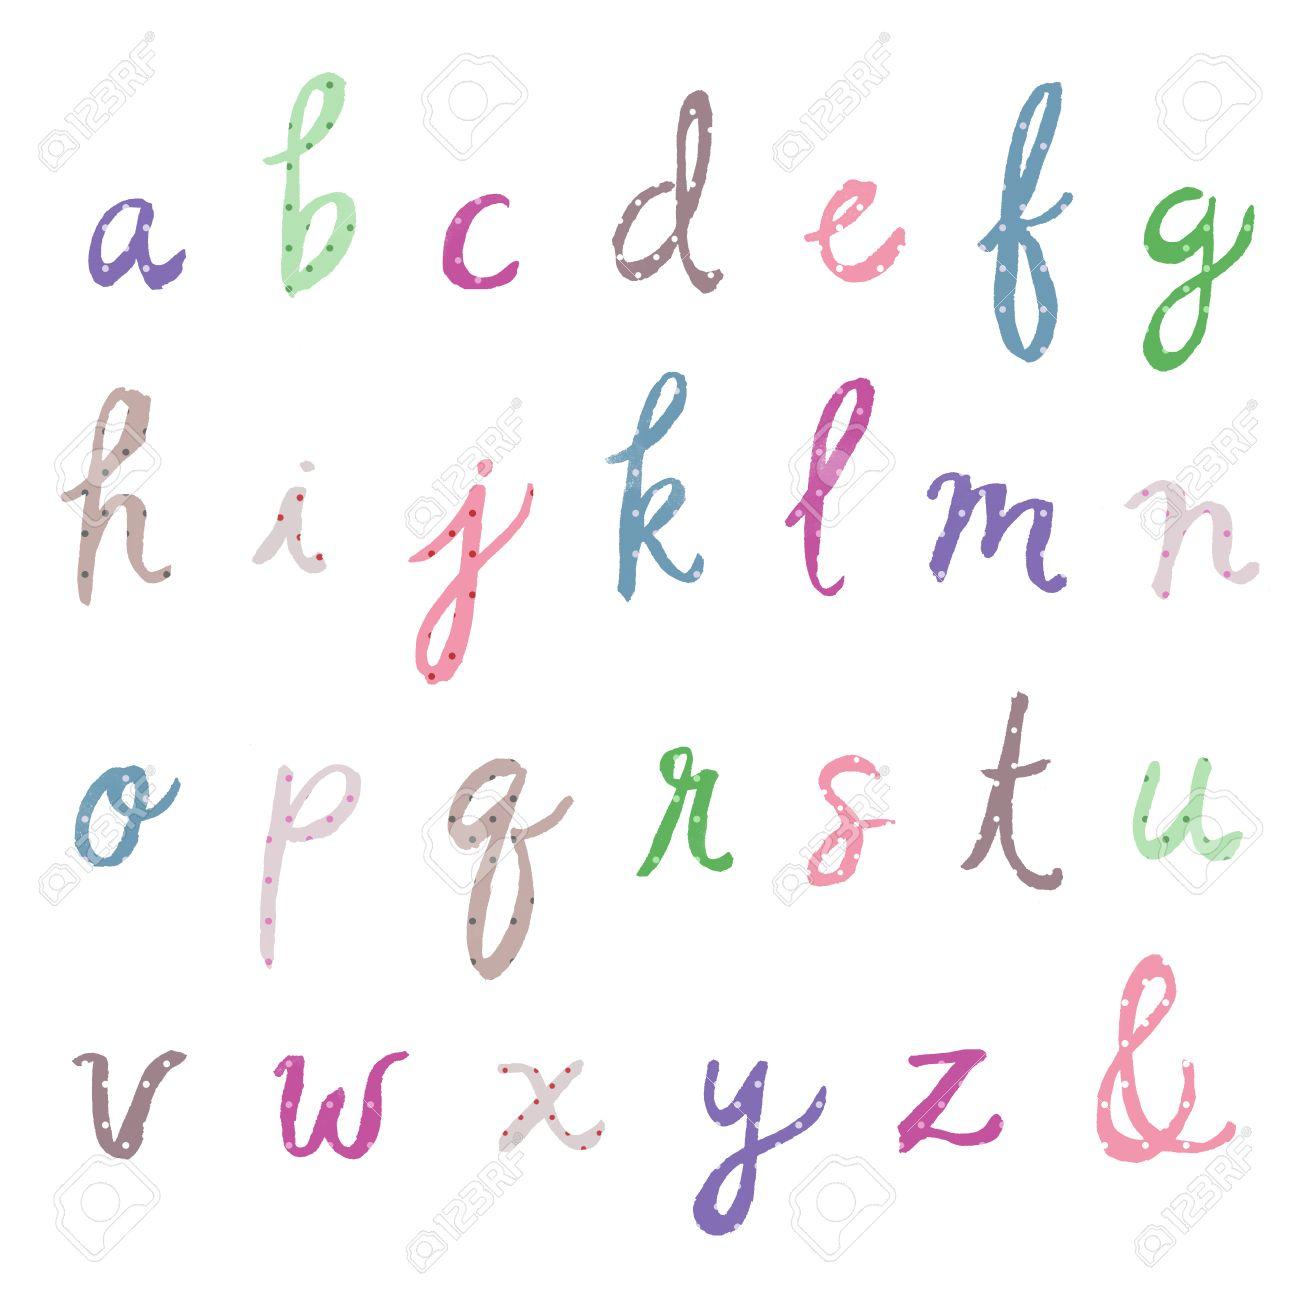 digital scrapbook alphabet letters colorful abcs painted cursive